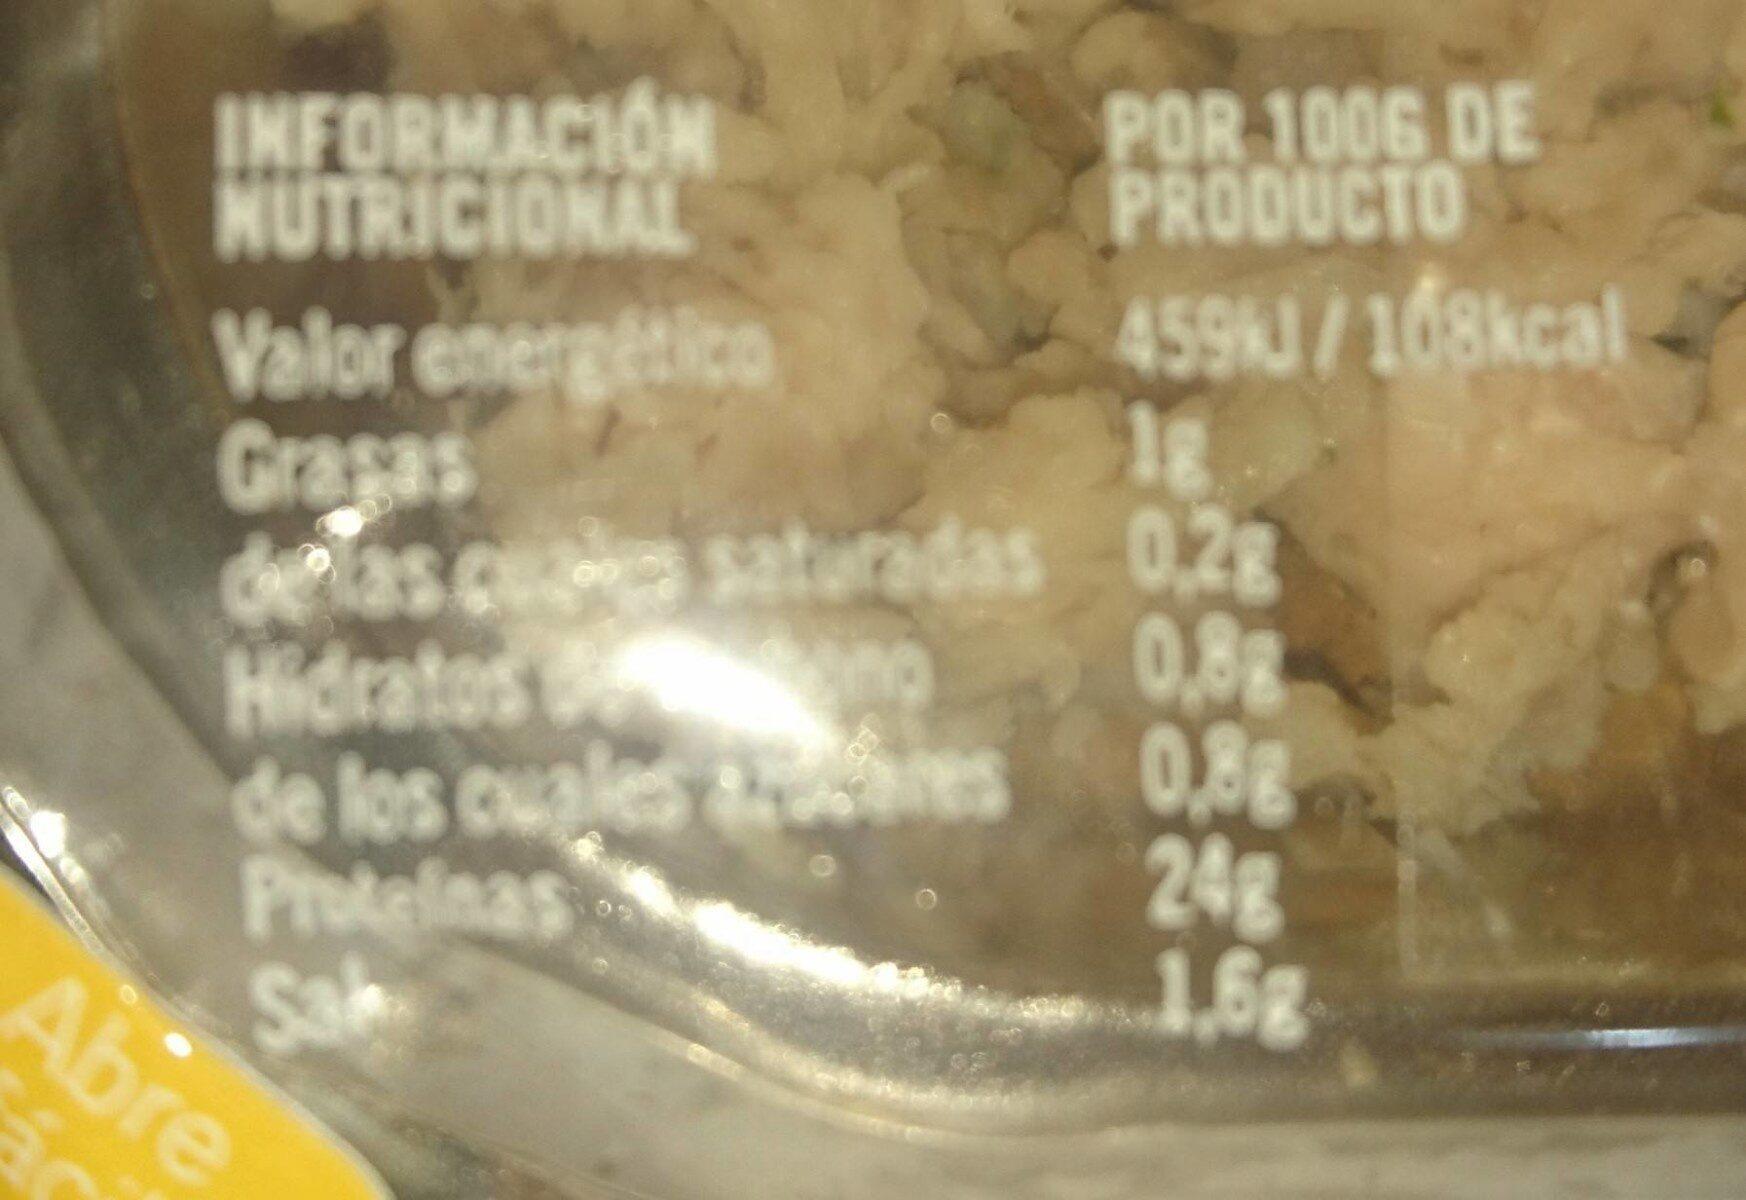 Pechuga de pollo sabor natural - Nutrition facts